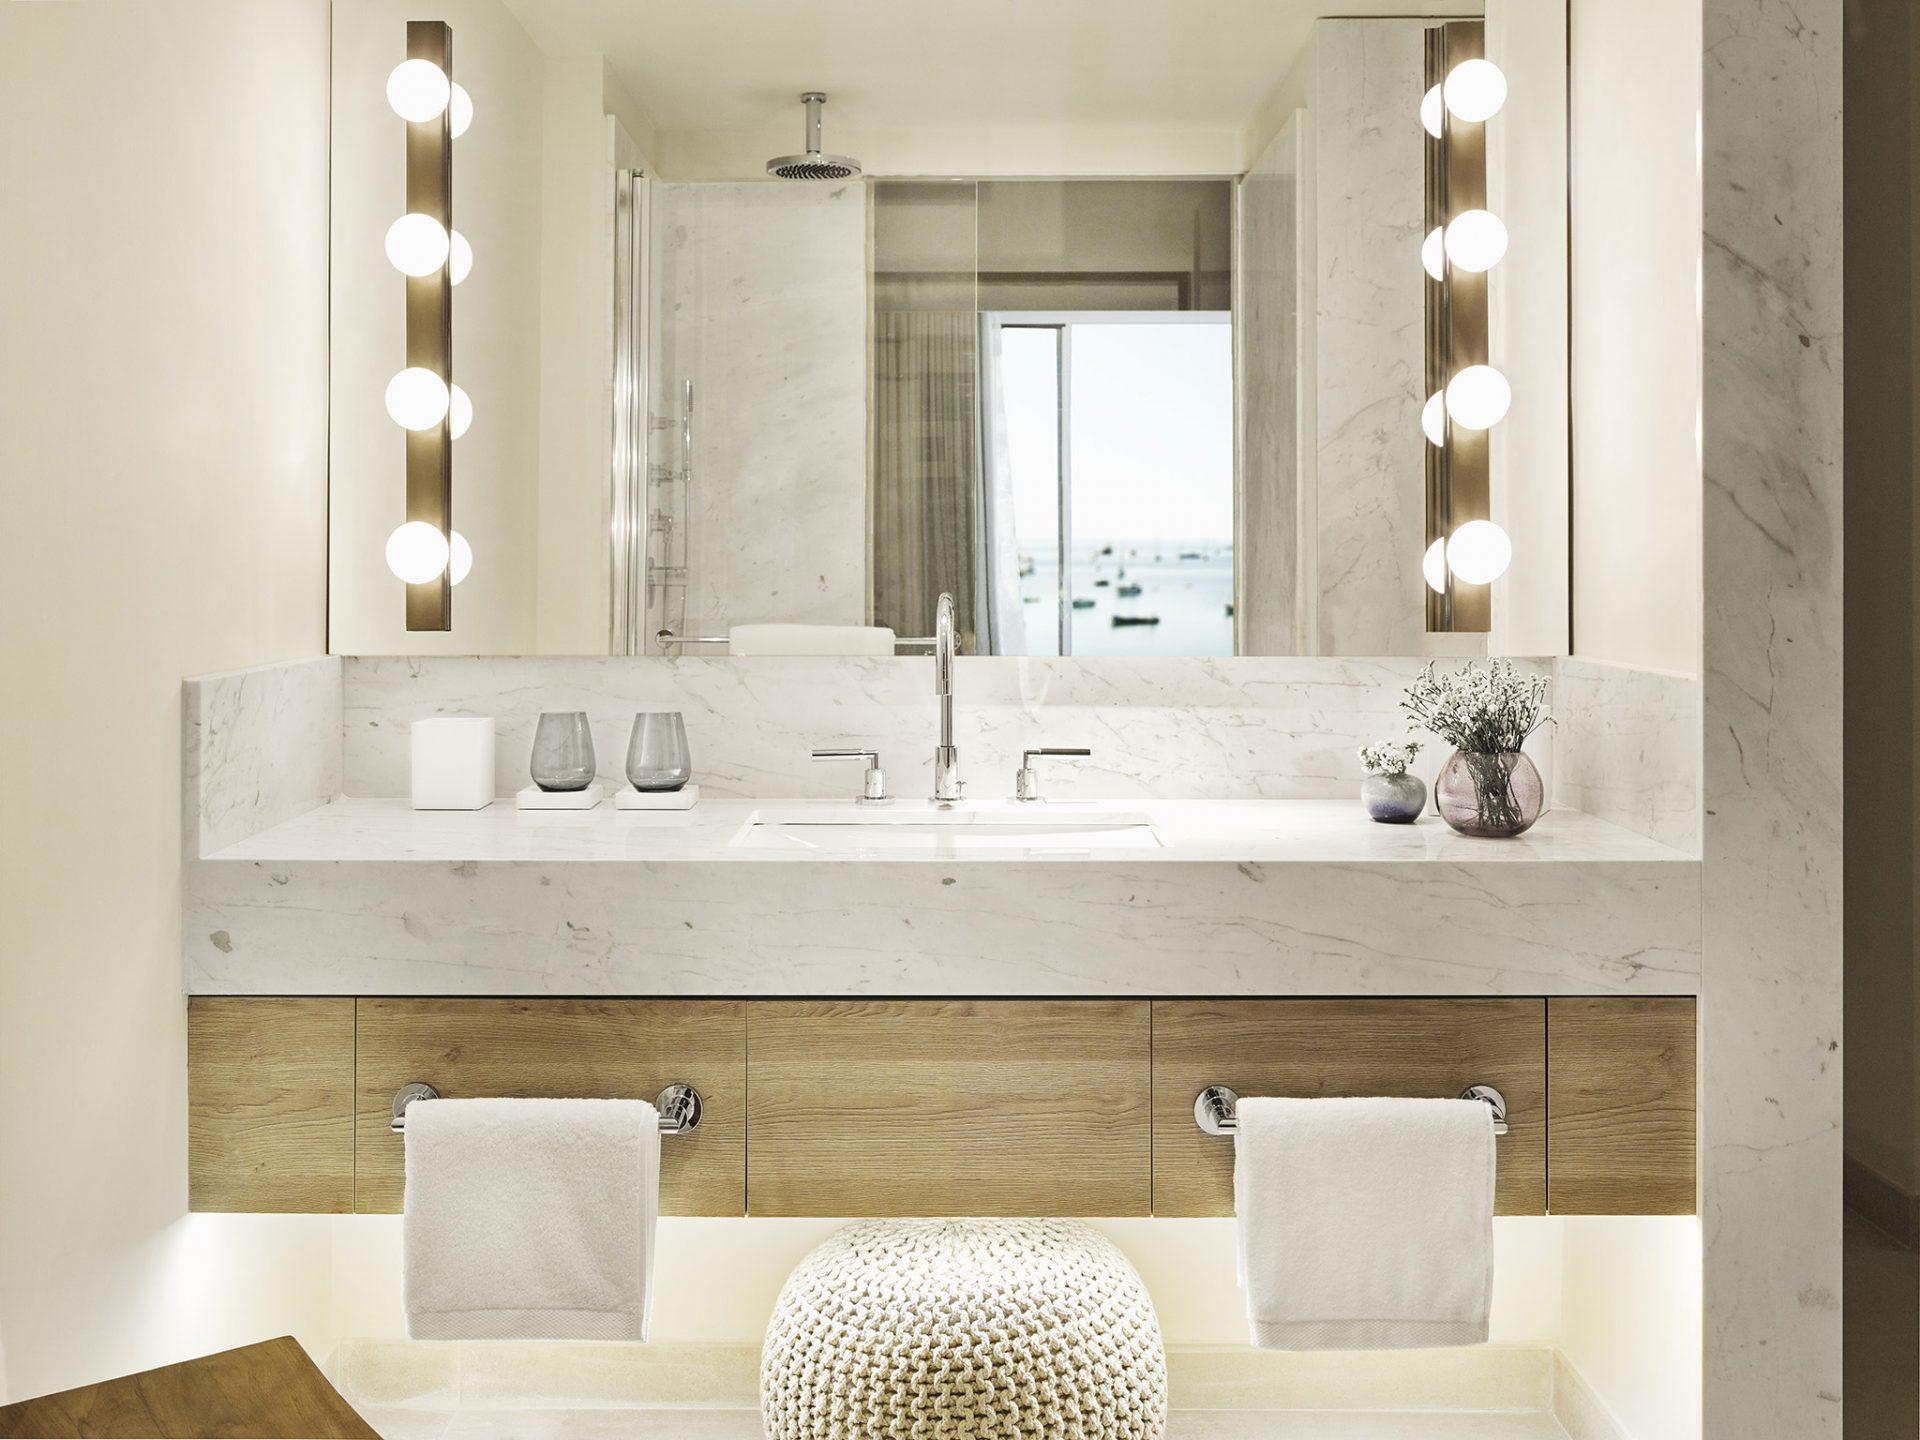 Deluxe Sea View Room Bathroom